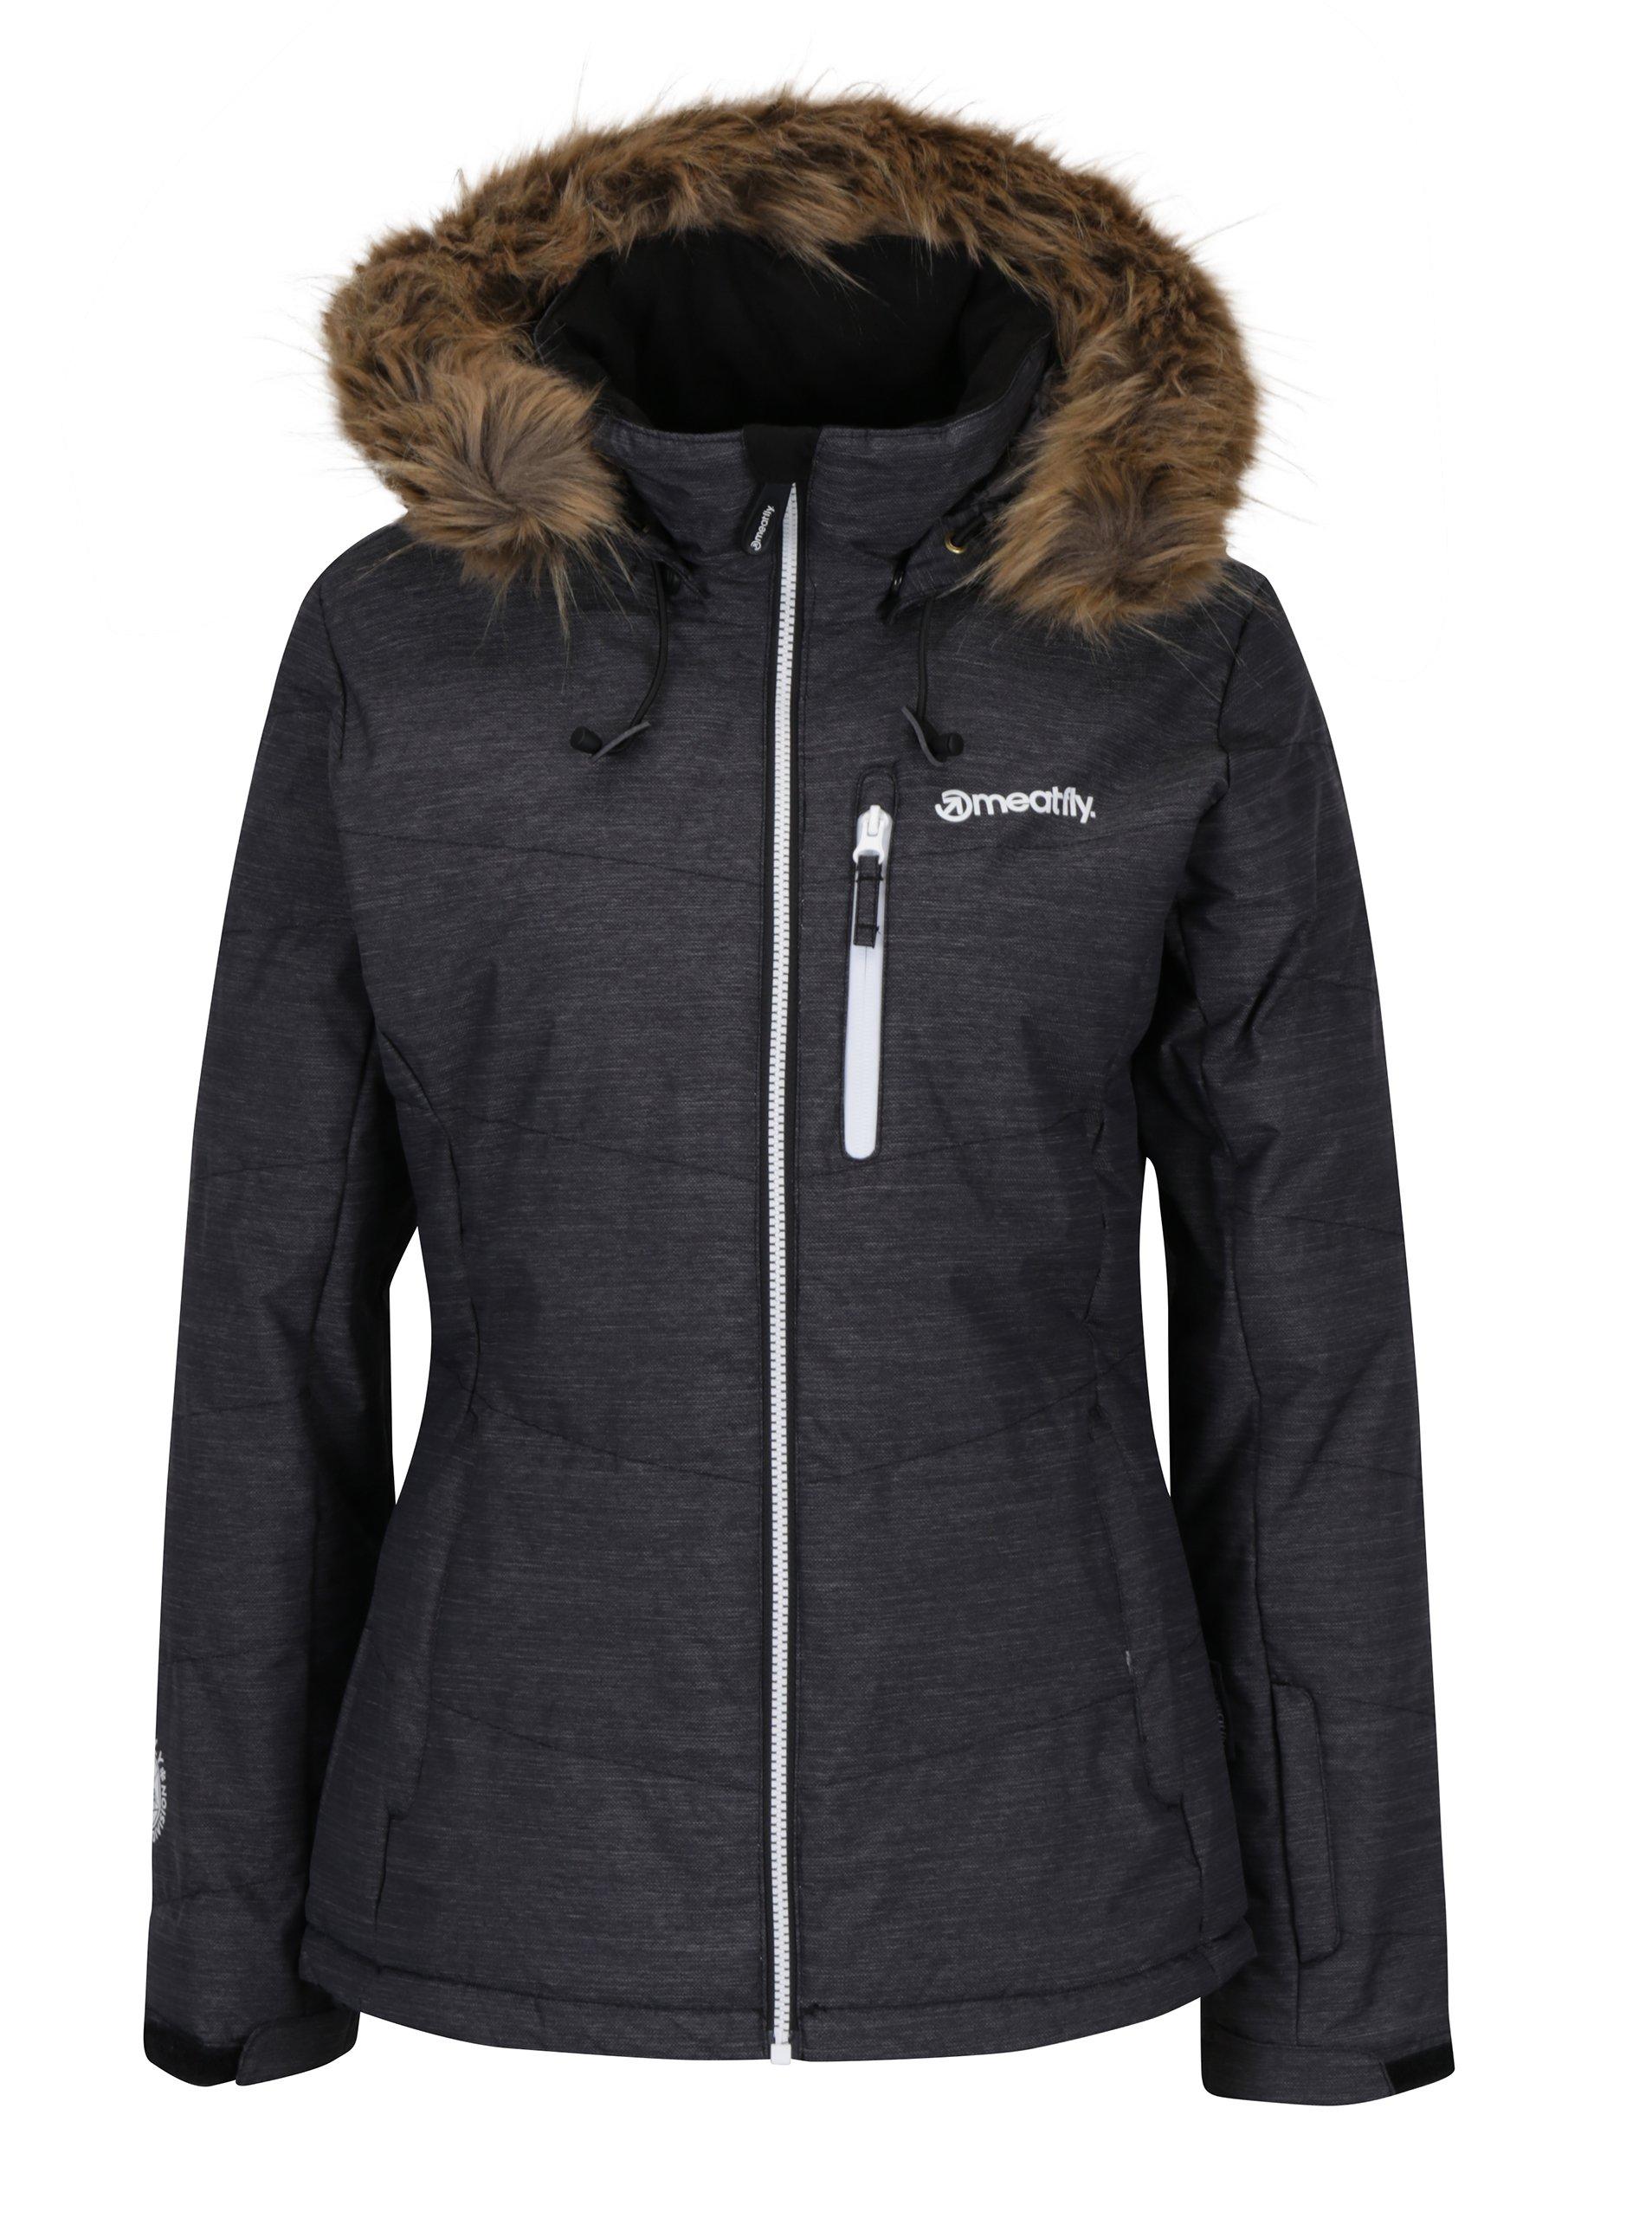 Tmavě šedá žíhaná dámská zimní funkční voděodolná bunda Meatfly Fluffy